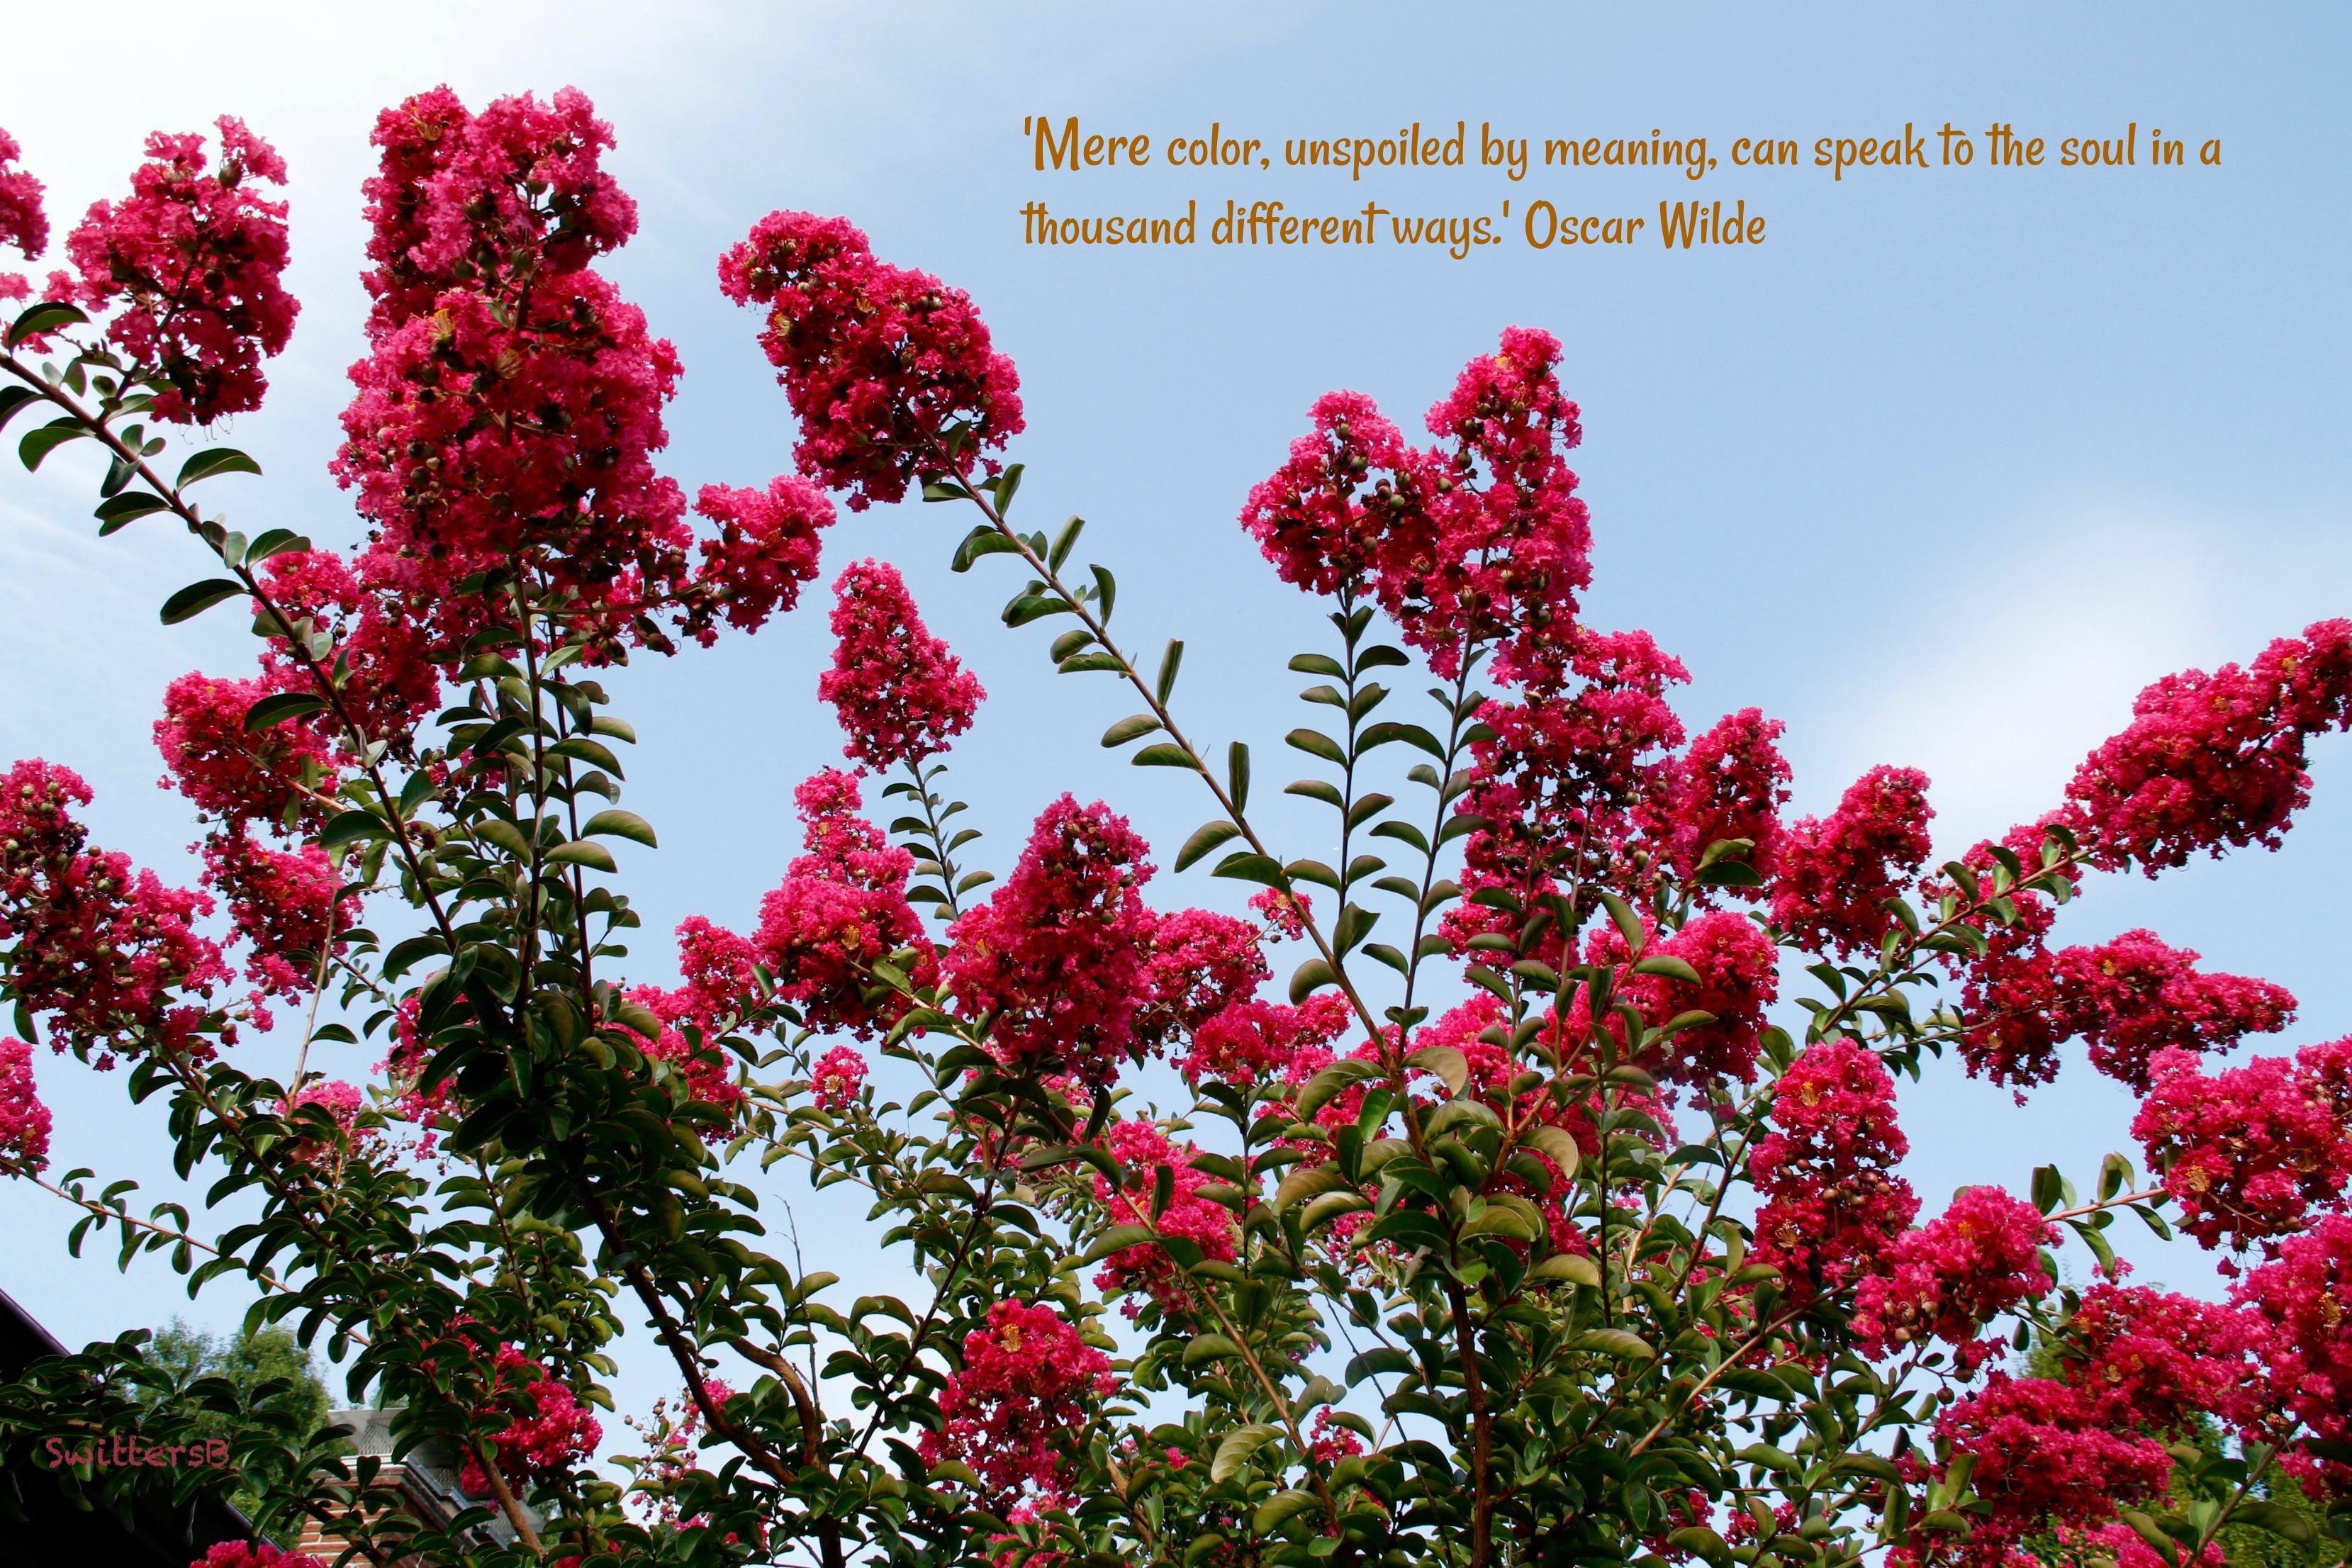 red crepe myrtle-tree-front yard-SwittersB.jpg